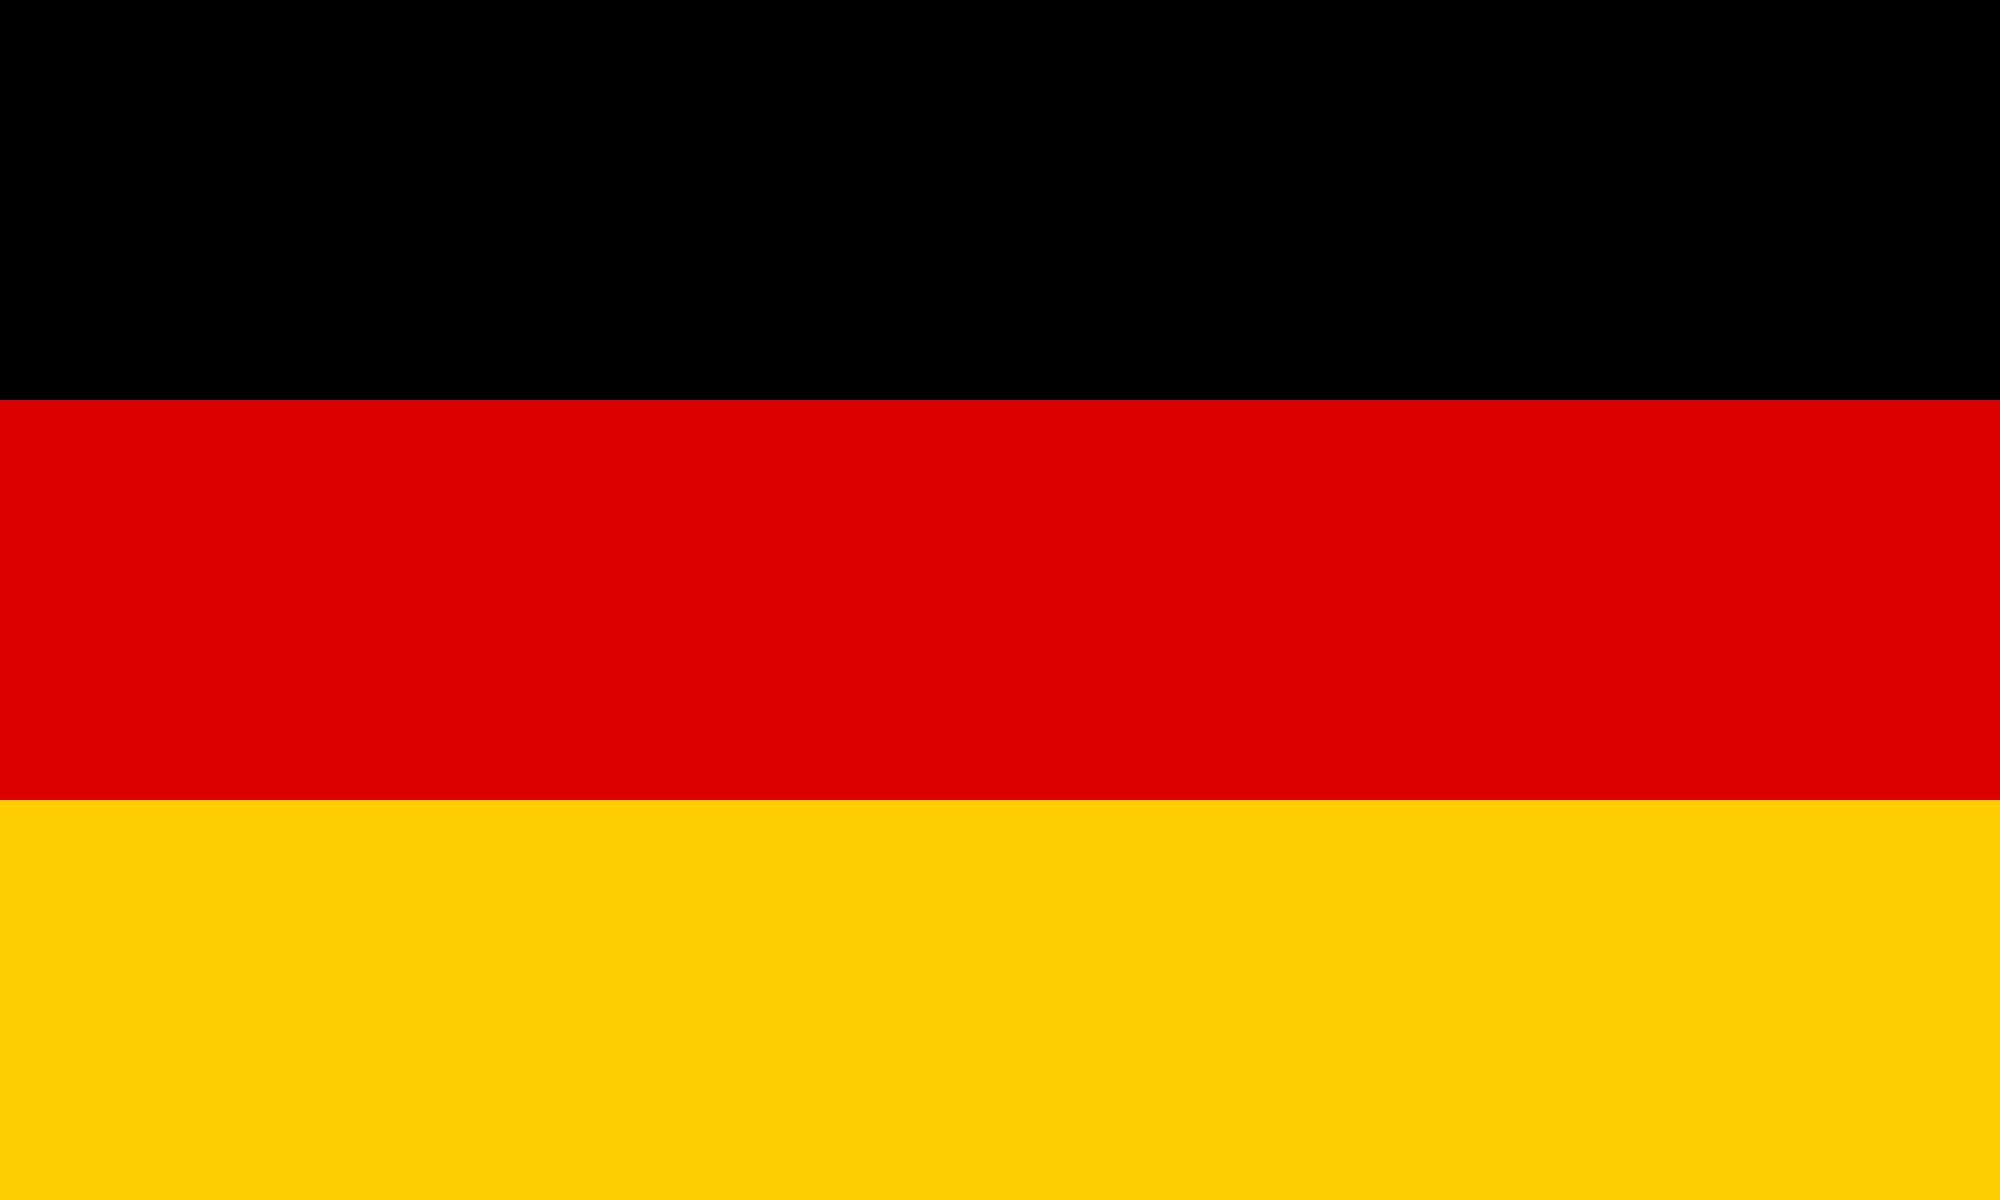 Deutschland Flagge Flaggen Fahnen Und Deko Zubehör Budokonzept